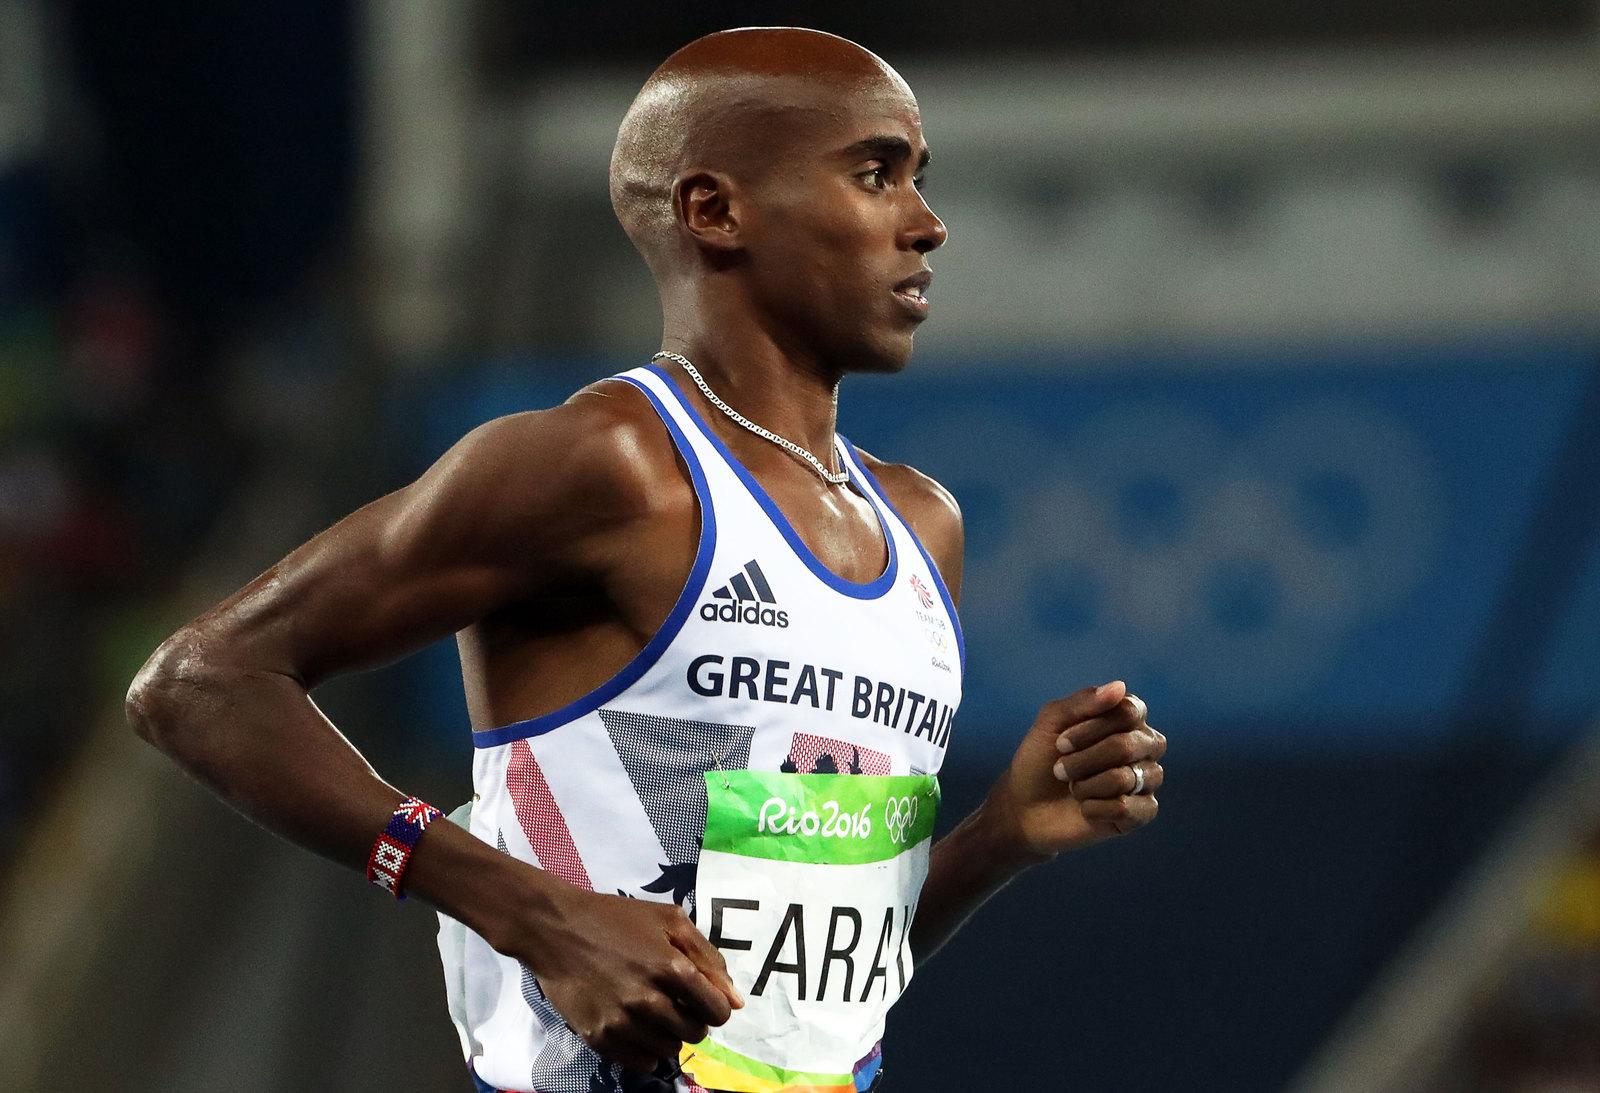 Легкоатлет Мо Фарах повторил свой олимпийский успех на дистации 10 000 метров